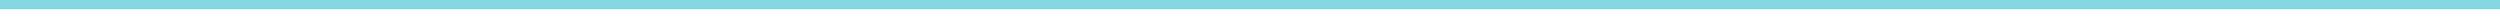 light blue line.jpg